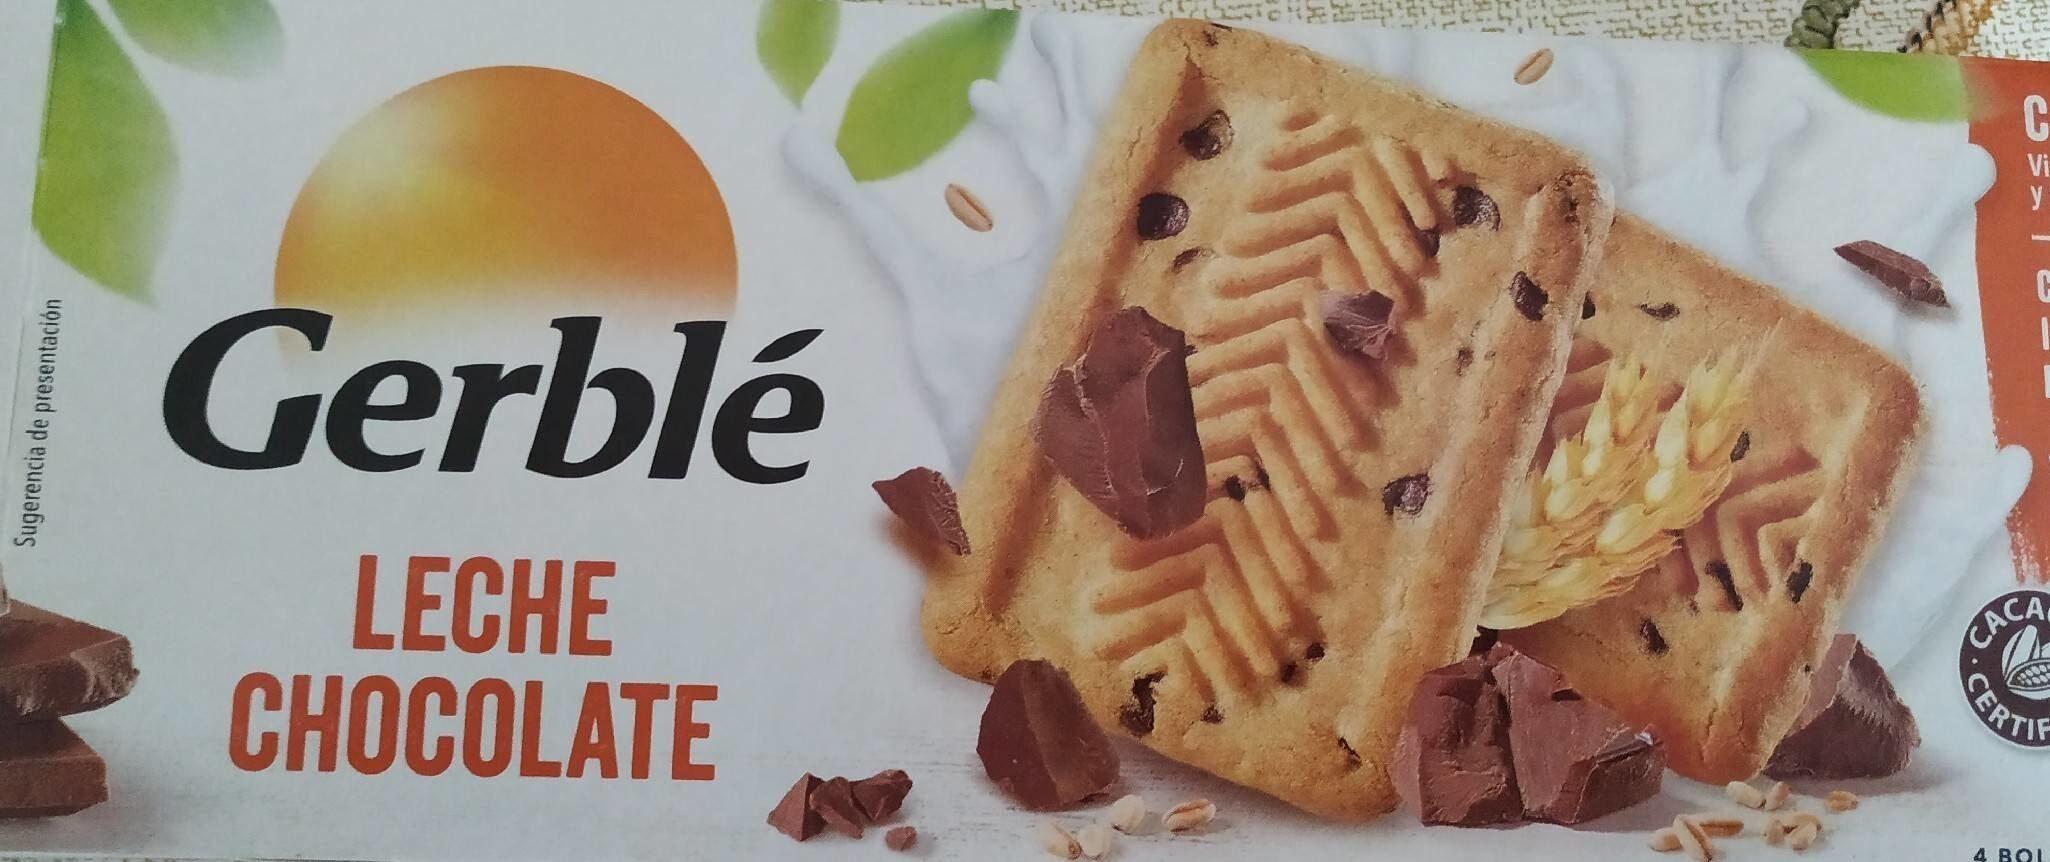 Galletas de leche y chocolate - Producto - es